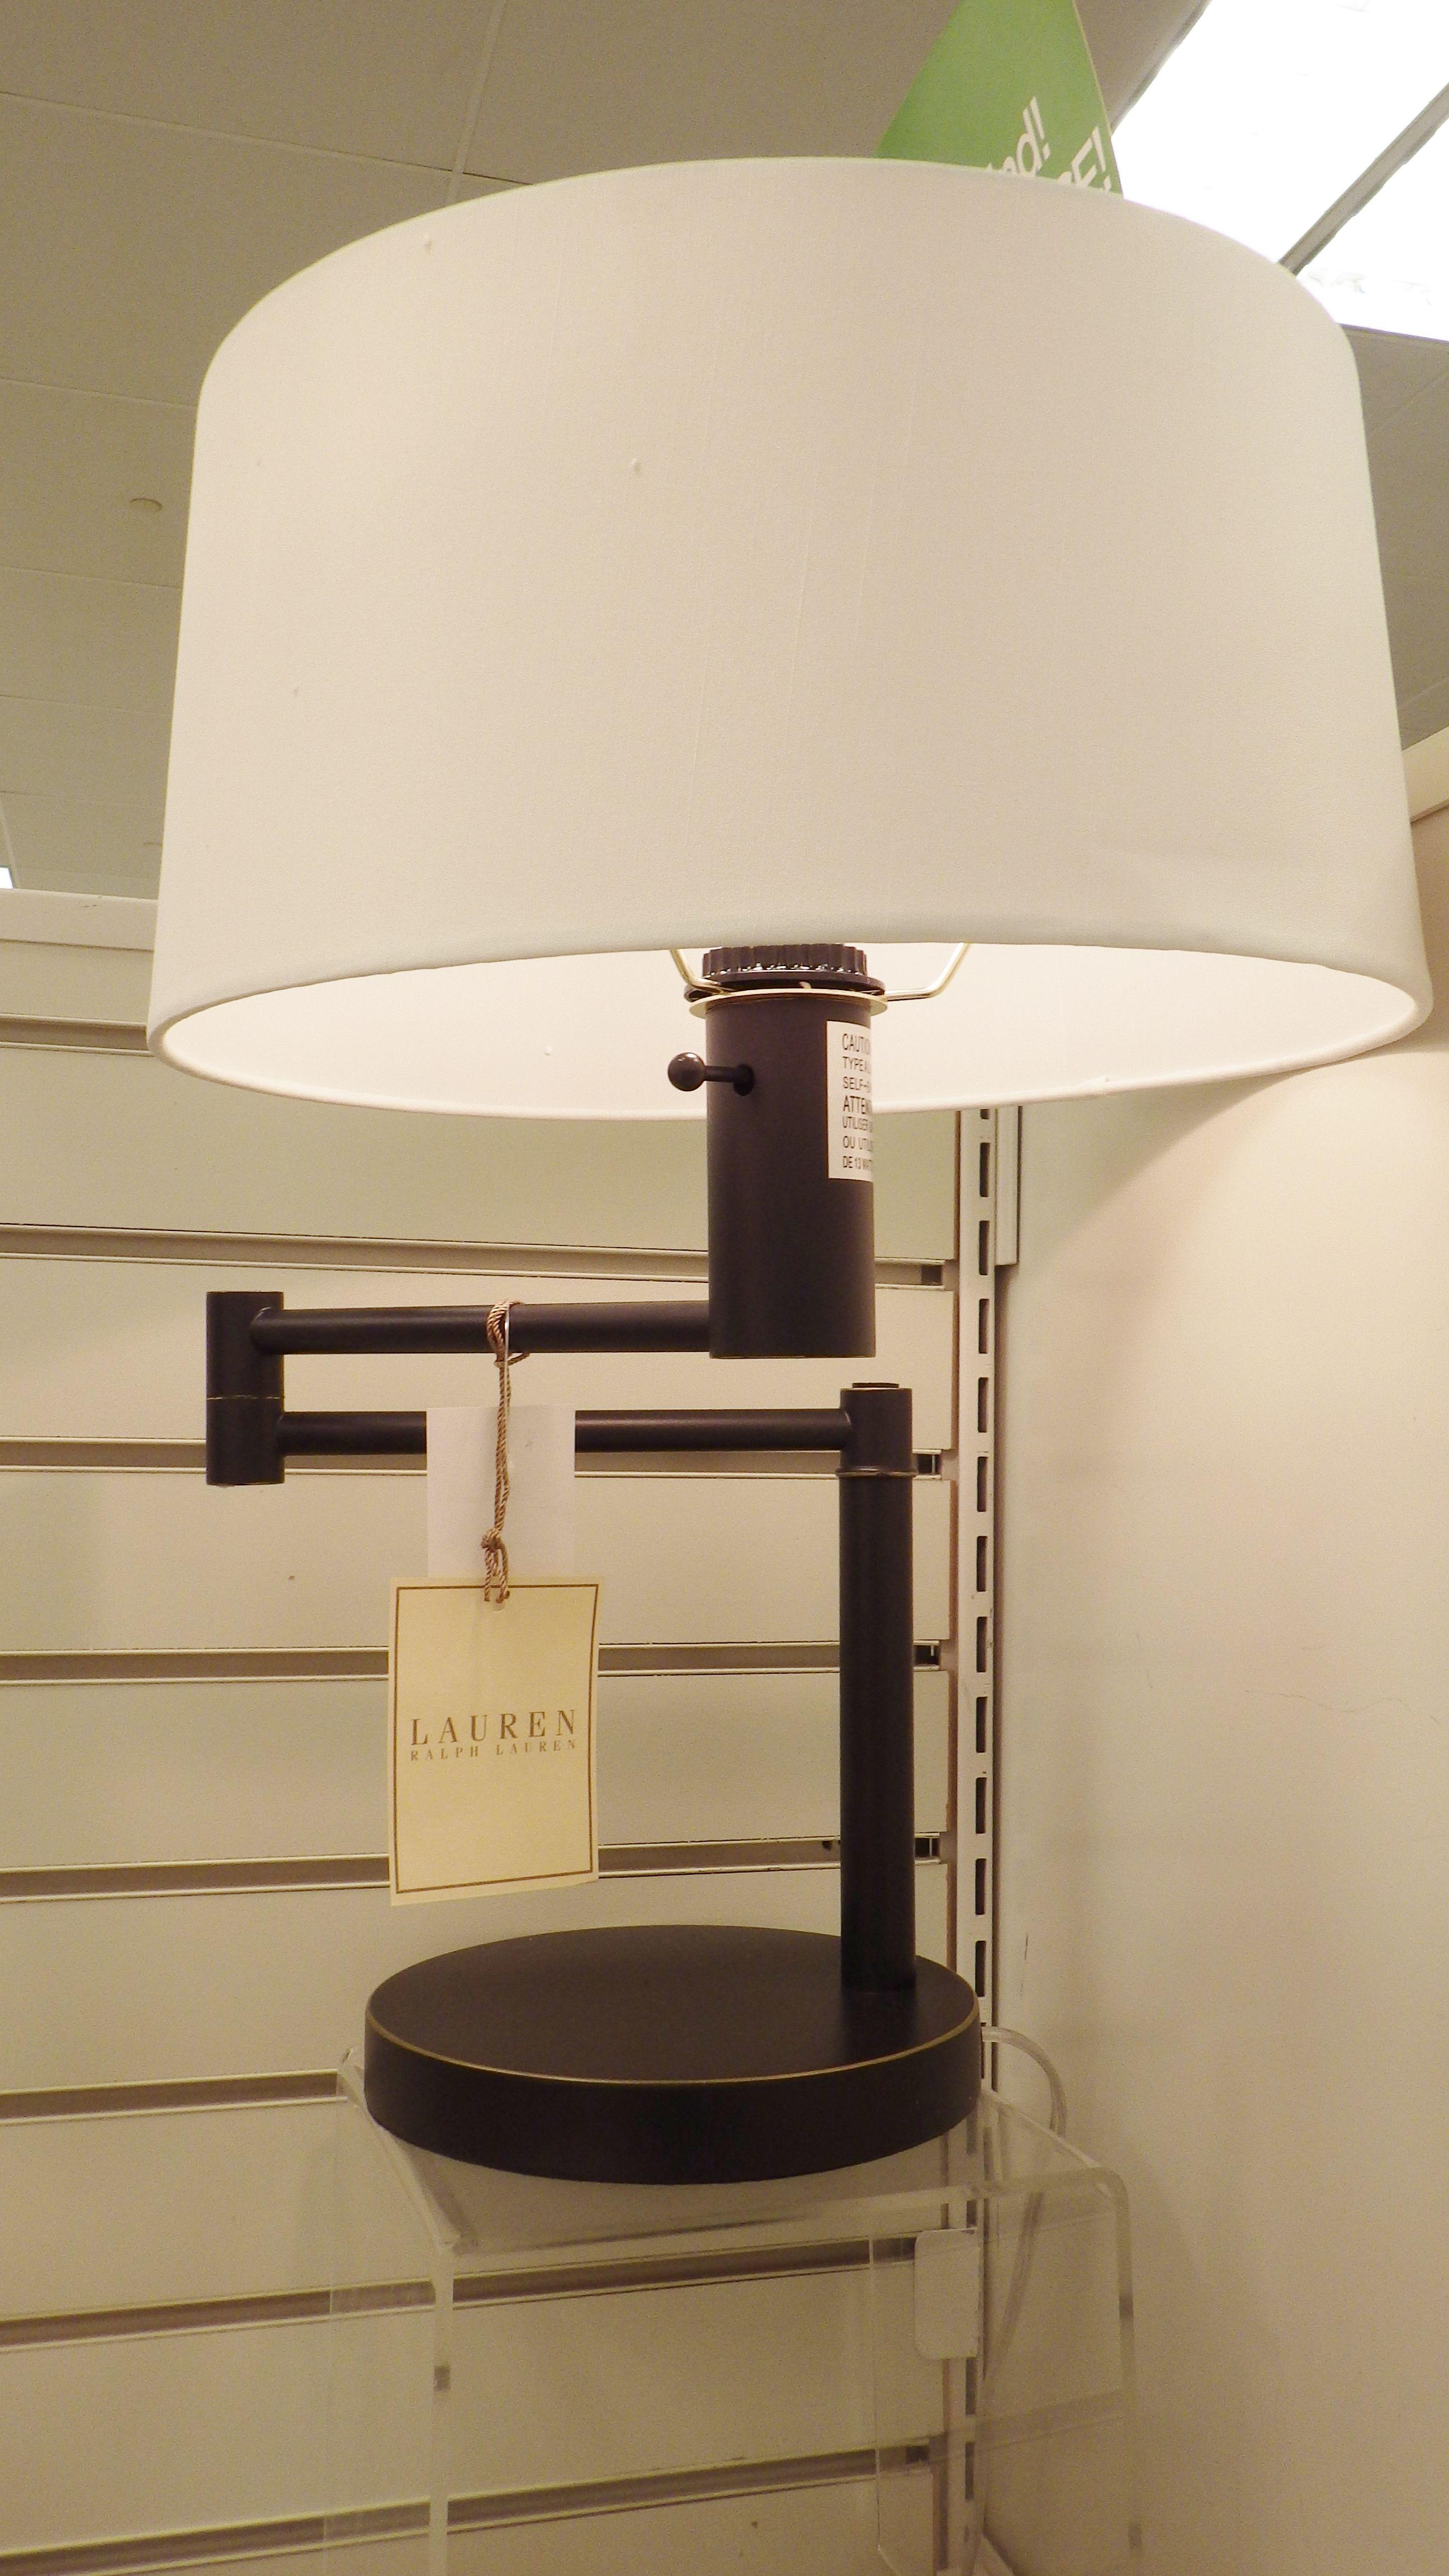 Homegoods Ralph Lauren Lamp 60 Lighting In 2019